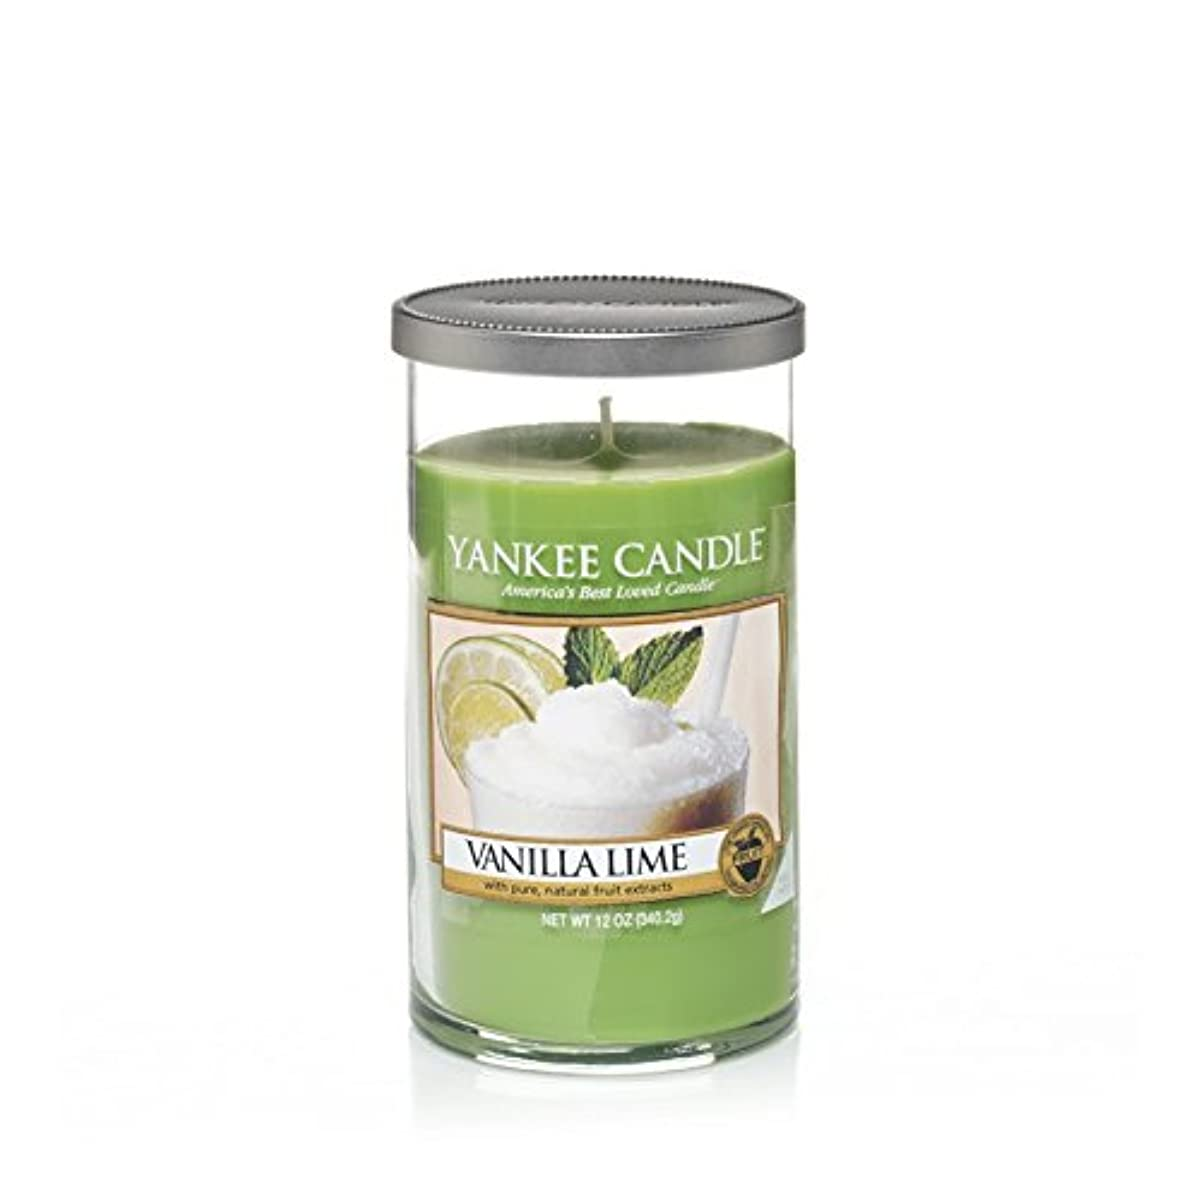 Yankee Candles Medium Pillar Candle - Vanilla Lime (Pack of 2) - ヤンキーキャンドルメディアピラーキャンドル - バニラライム (x2) [並行輸入品]